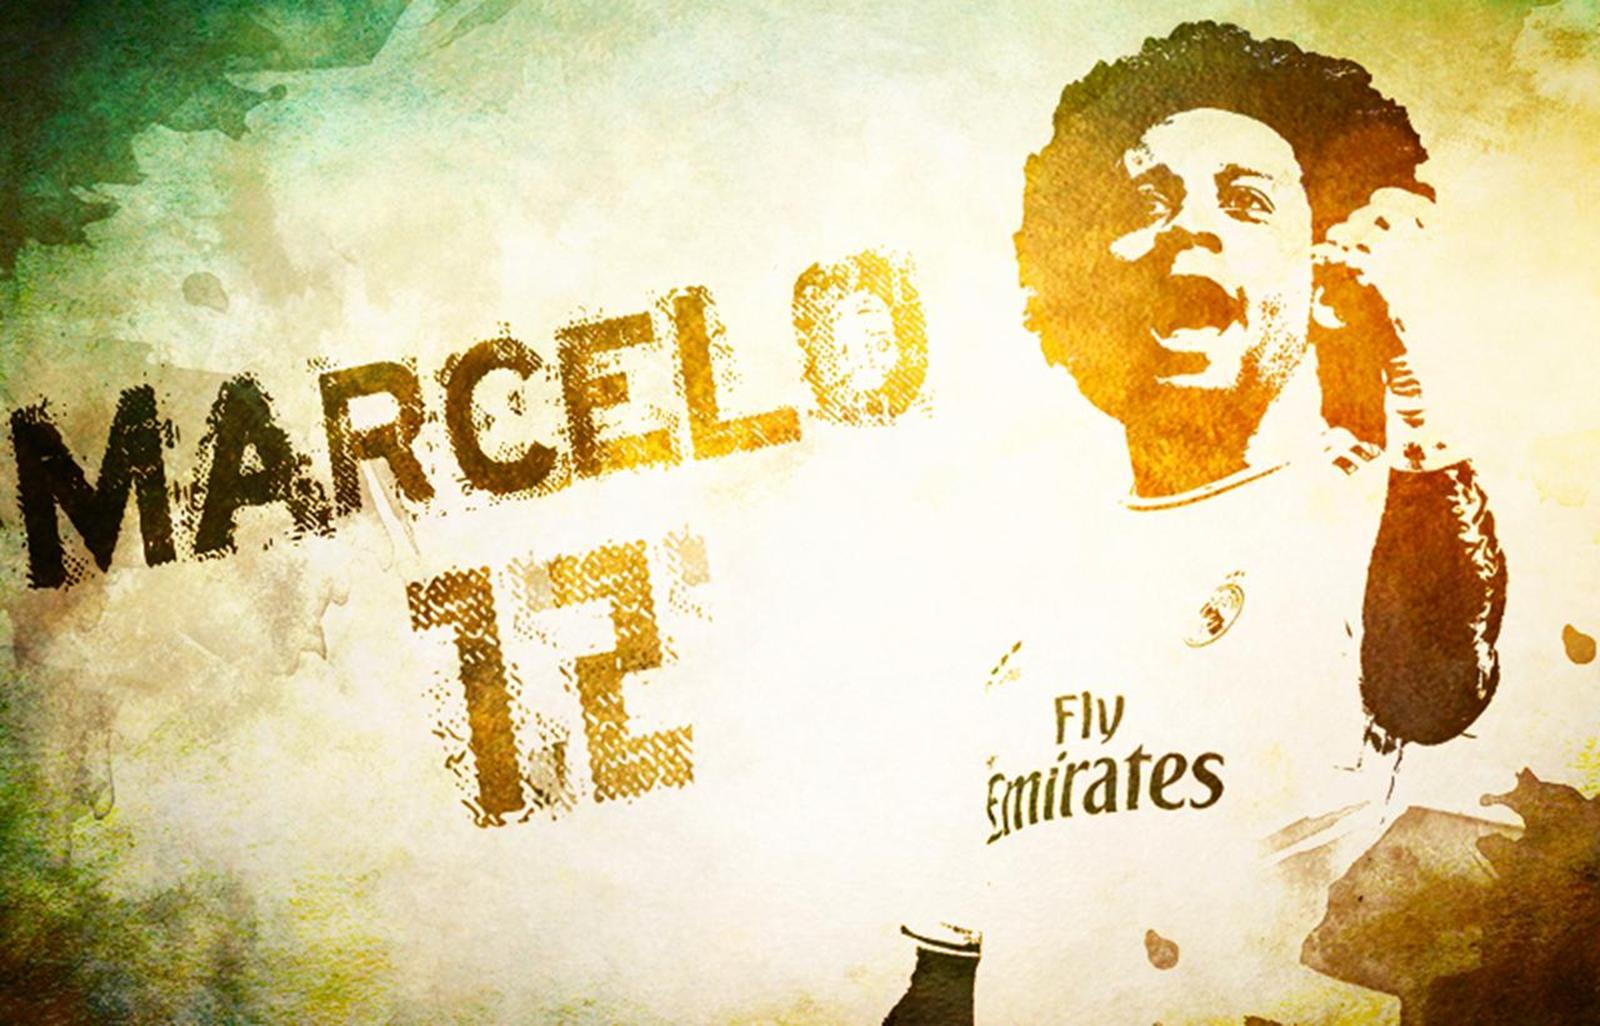 Soccer Wallpaper Real Madrid